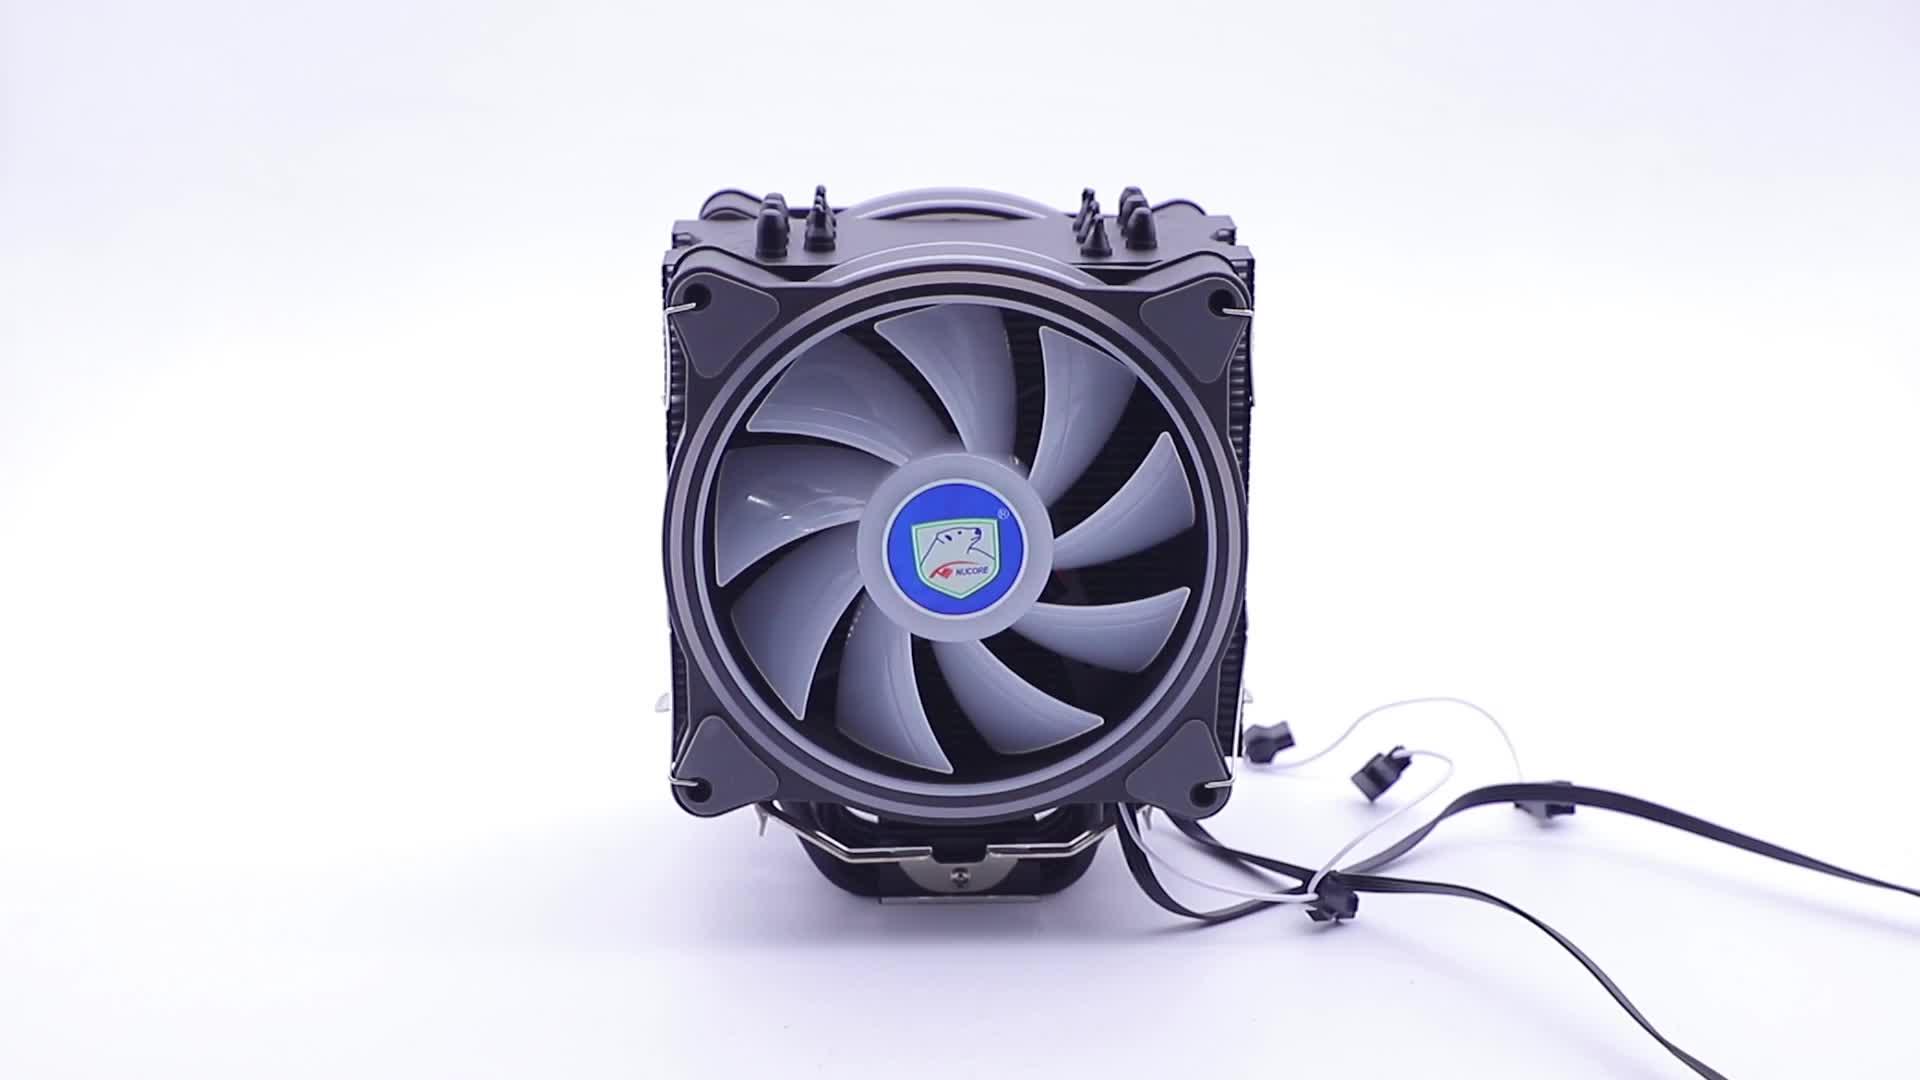 Cao 6 Bằng Ống Dẫn CPU Cooler Đối Với Intel Và AMD 120 Mm Phổ Nền Tảng Với PWM Fan Đông Quan